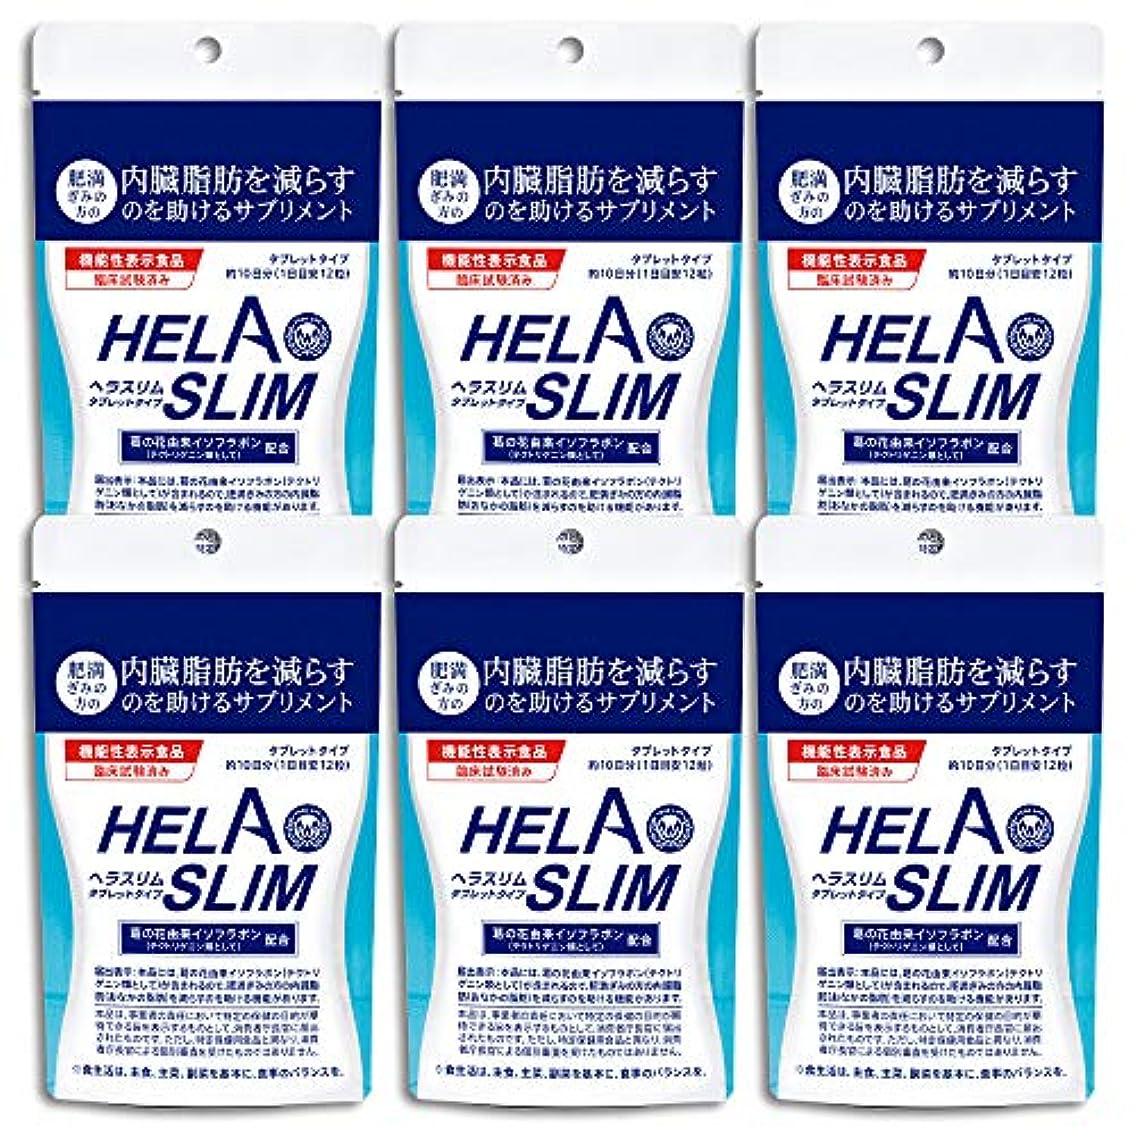 タイプ腰時間とともに【6袋セット】HELASLIM(120粒入り)アルミパック